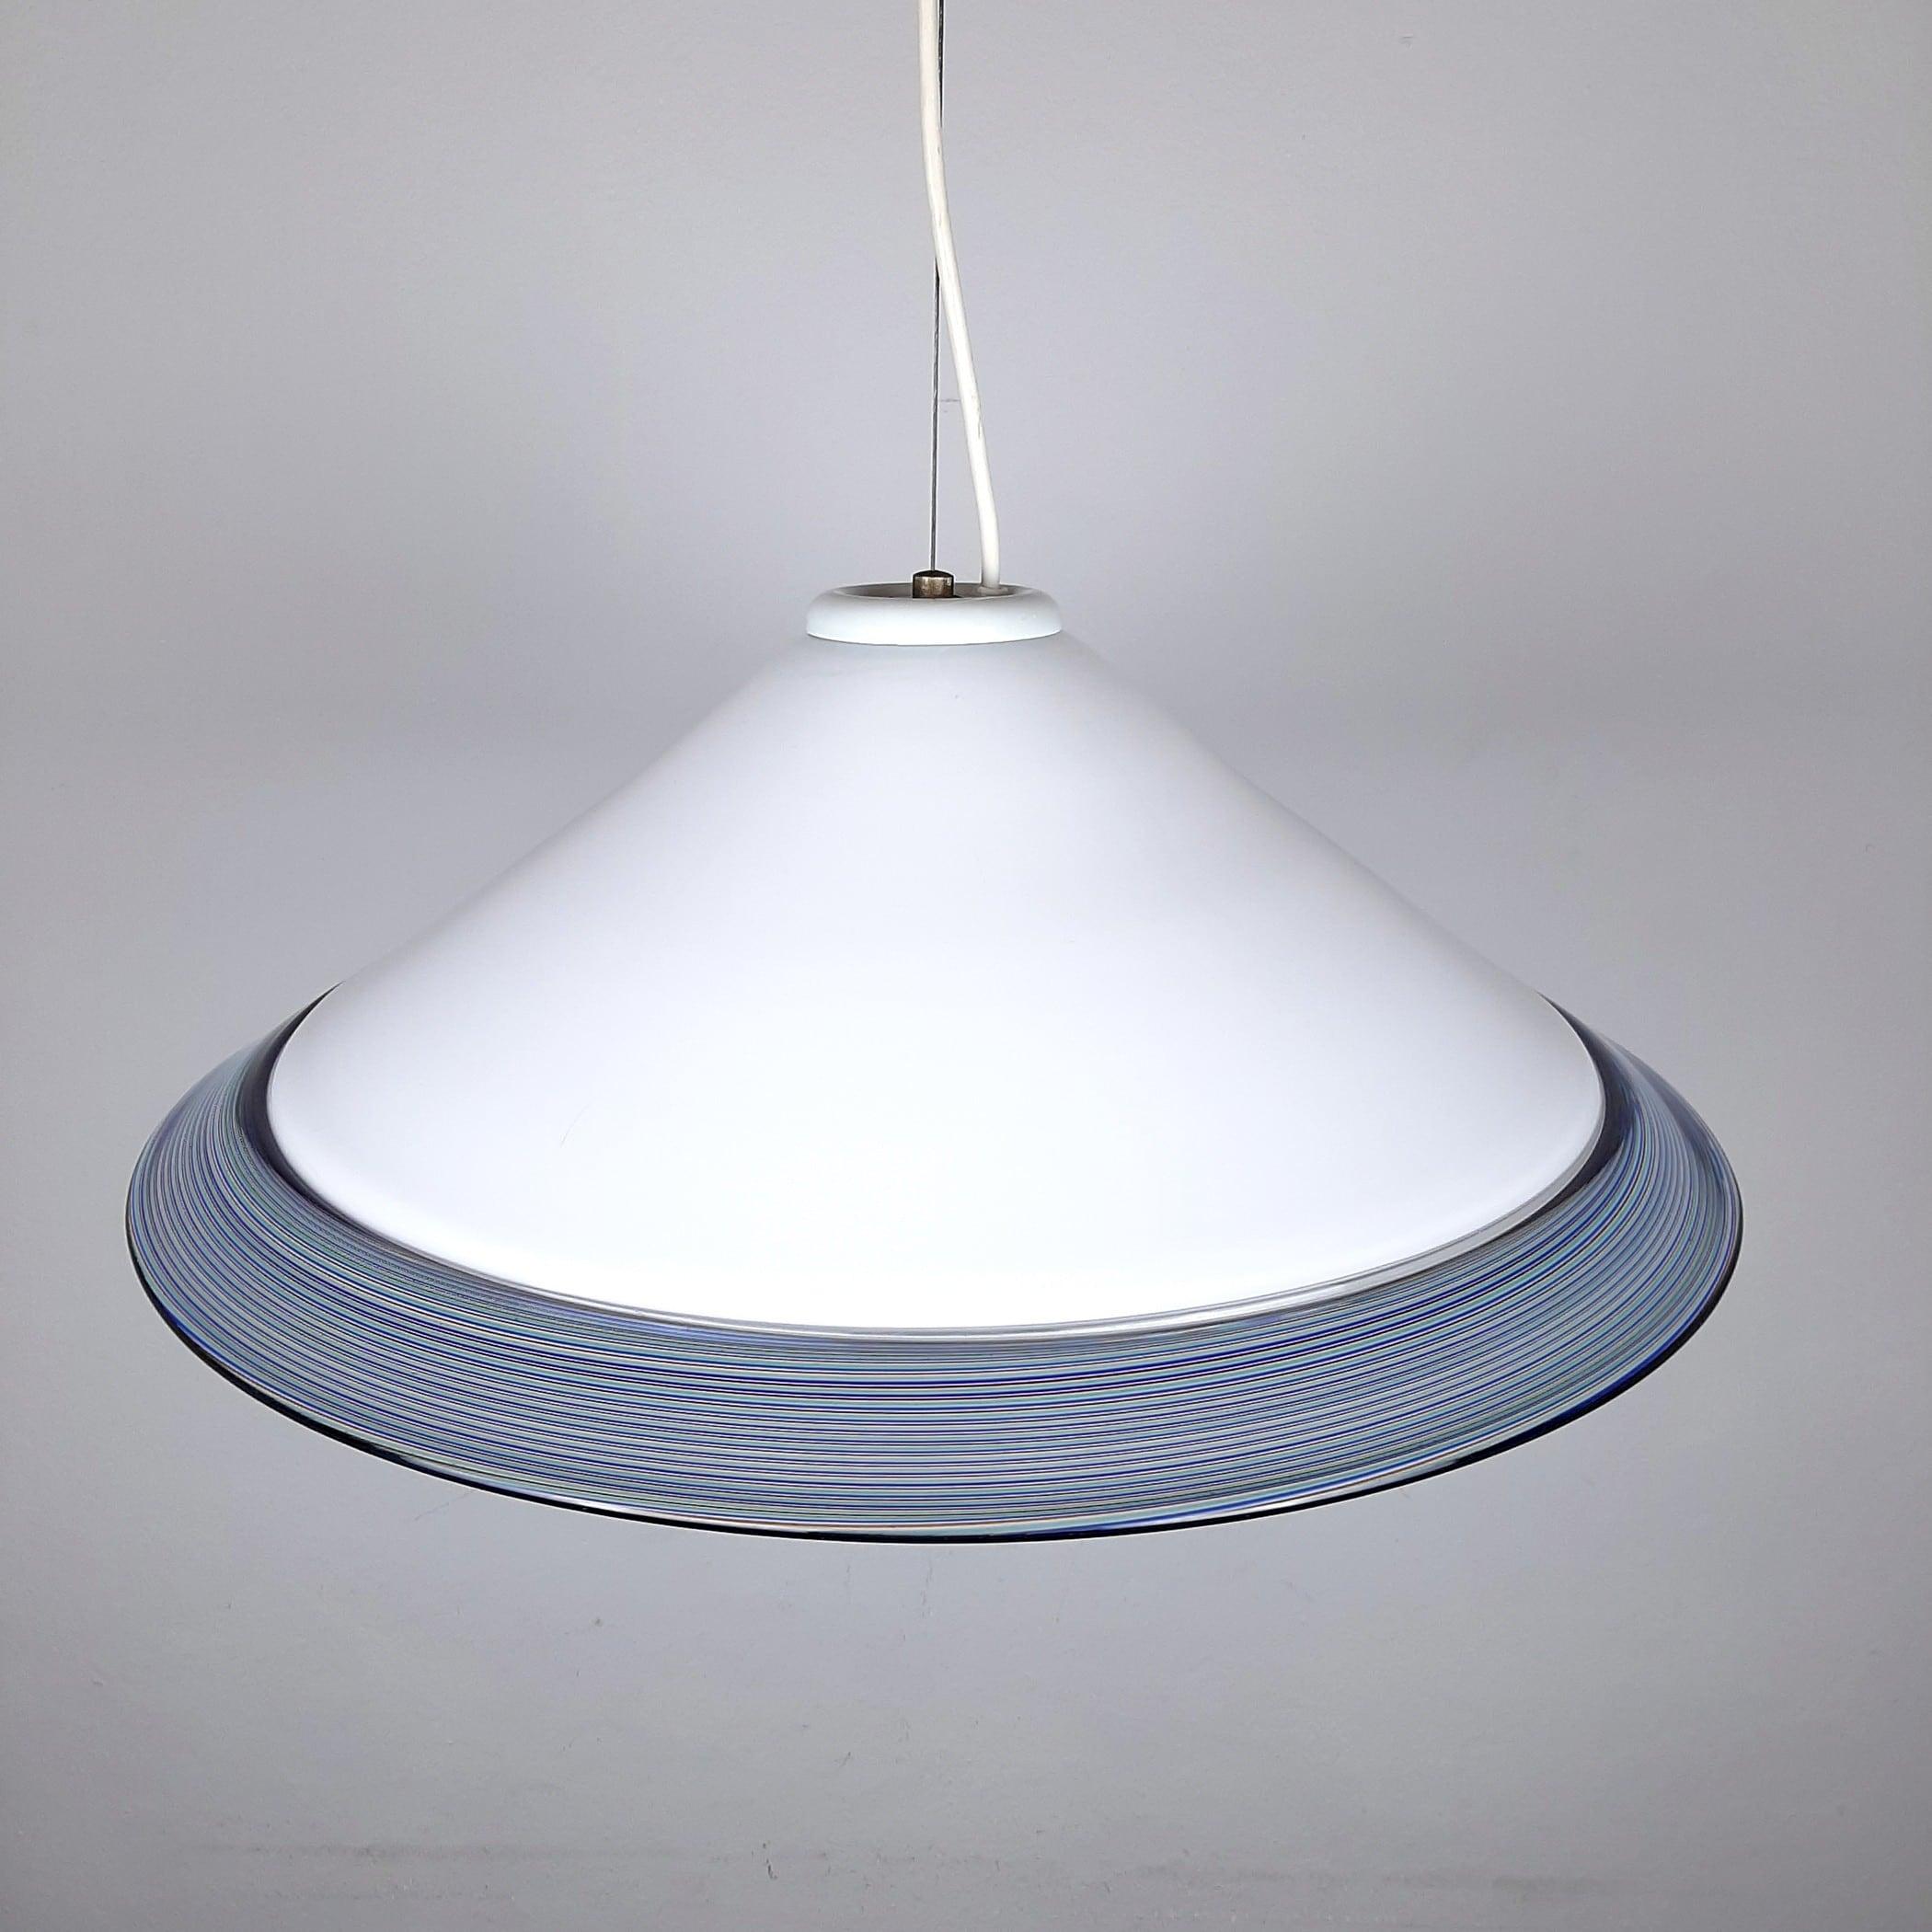 Mid-century murano glass pendant lamp Italy 1970s Retro chandelier